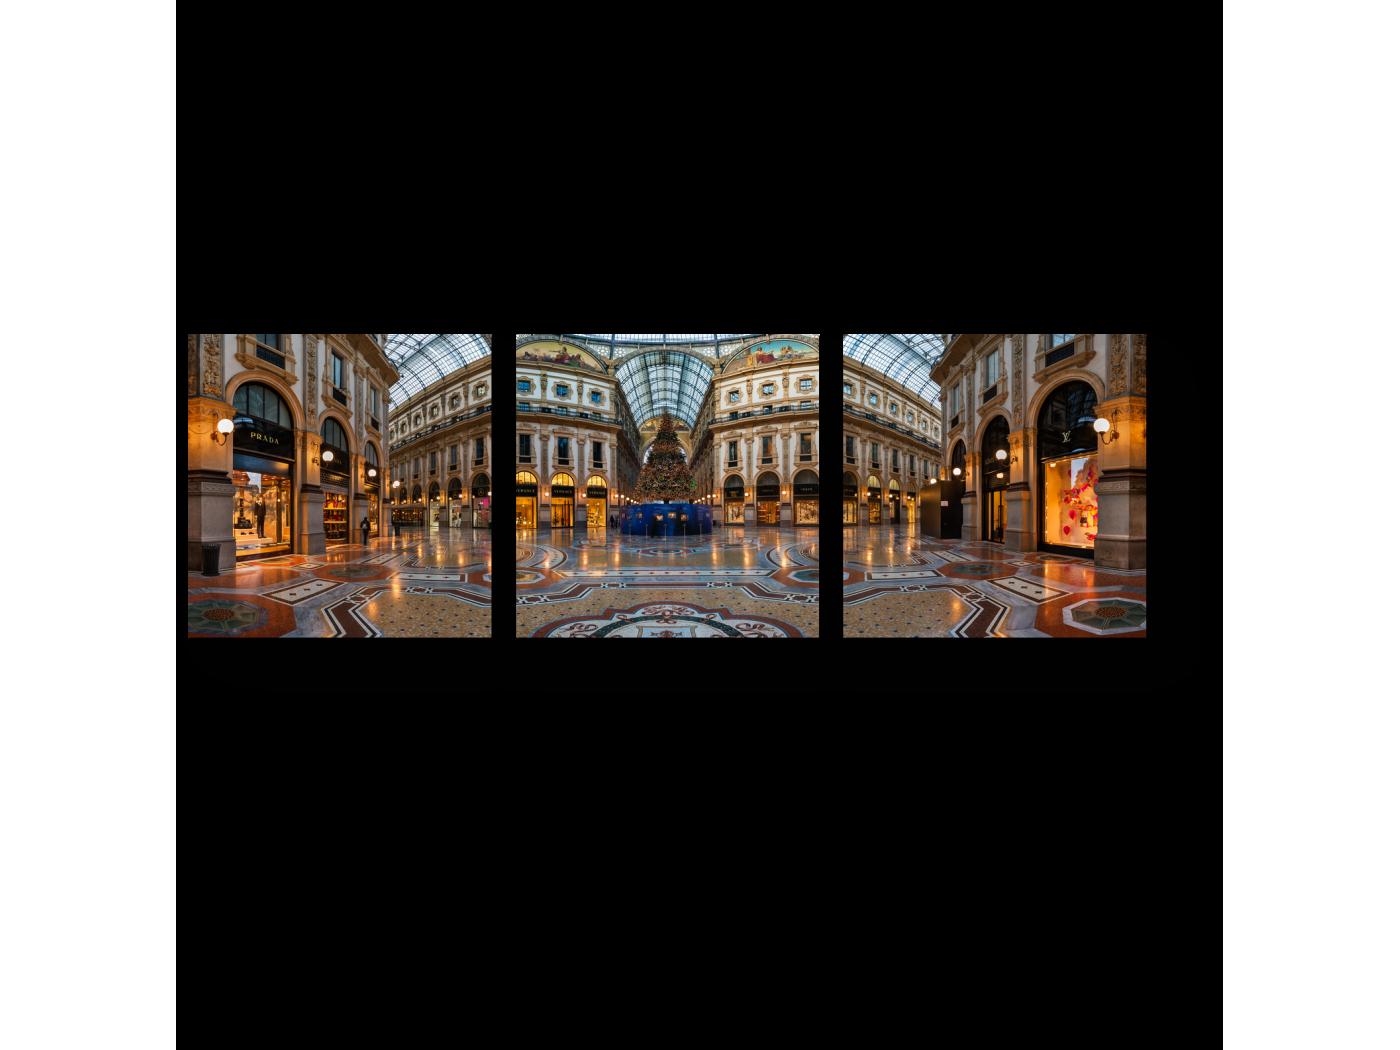 Модульная картина Внутри галереи Виктора Эммануила, Милан (60x20) фото